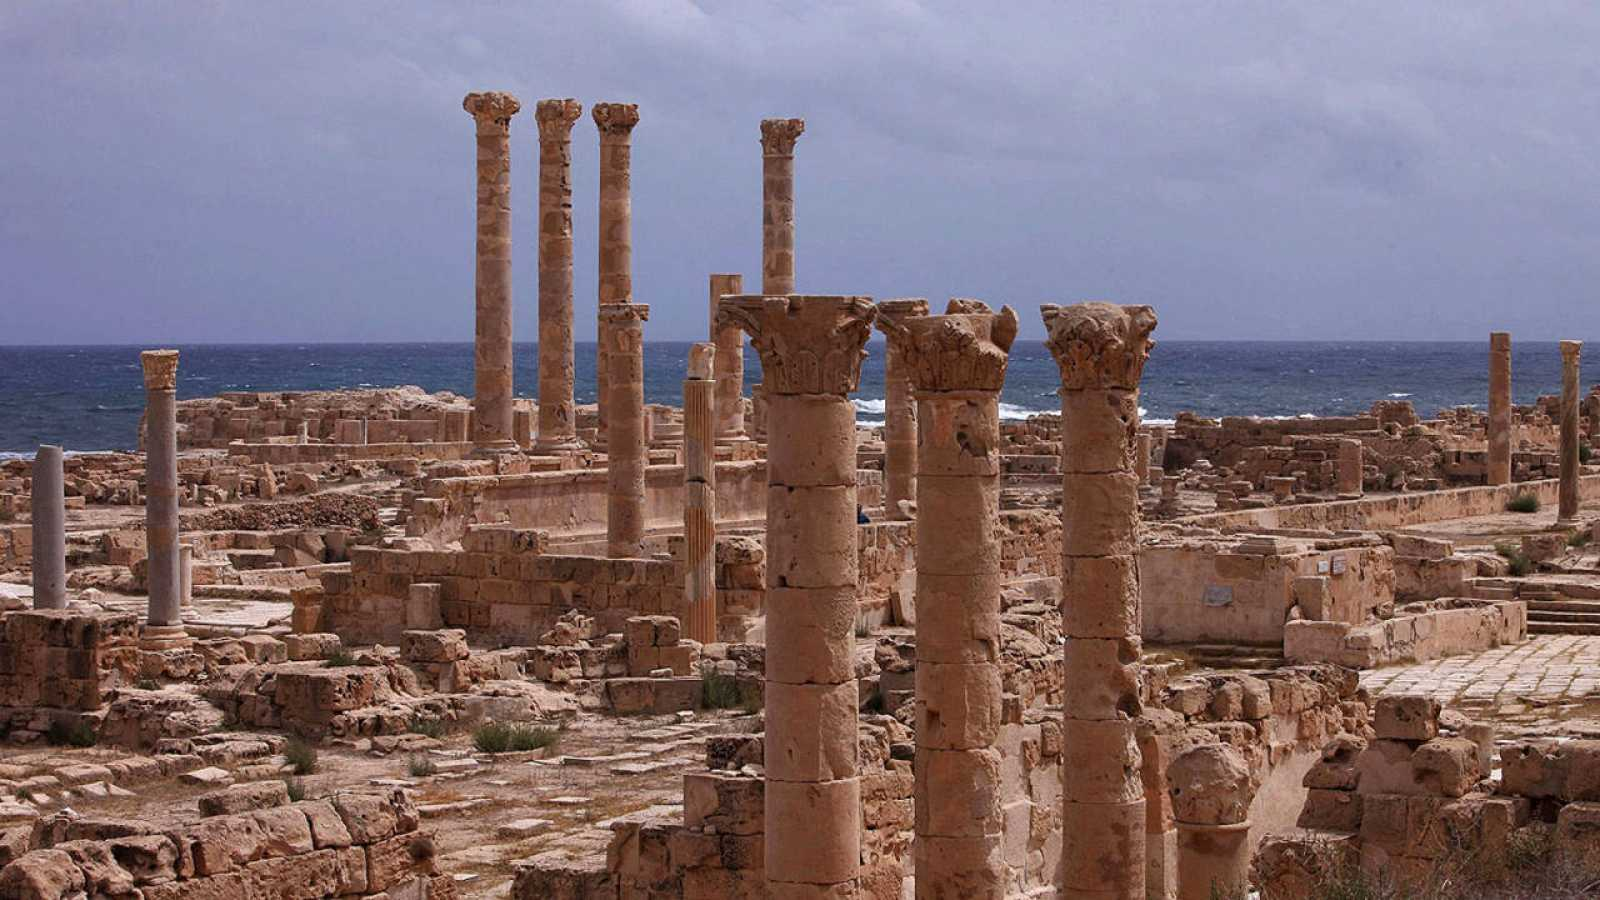 Sabratah, la ciudad donde ha sido el ataque, acoge uno de los conjuntos monumentales romanos más importantes del Mediterráneo